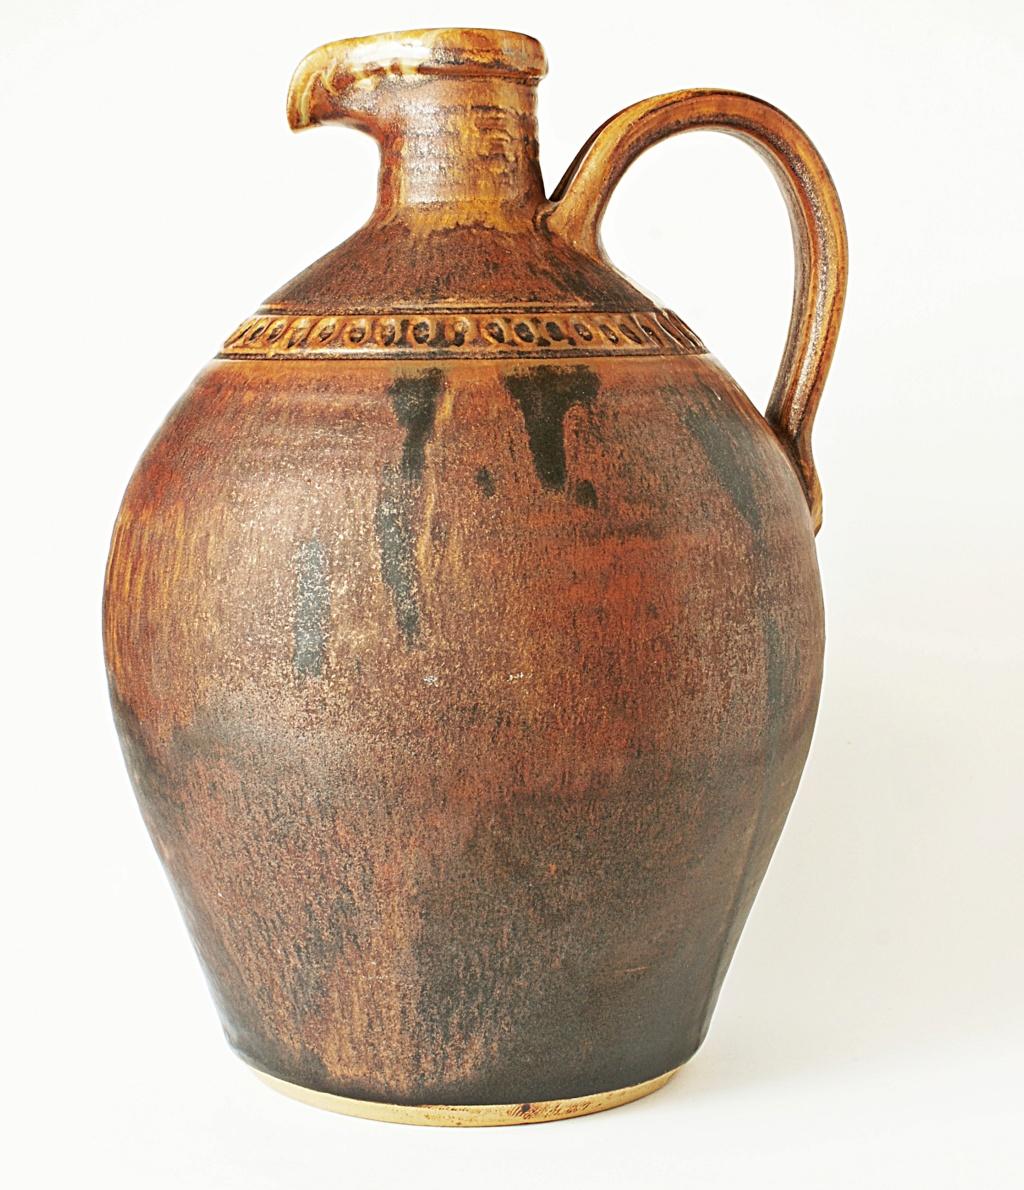 Rustic Pottery Ewer Dsc04111